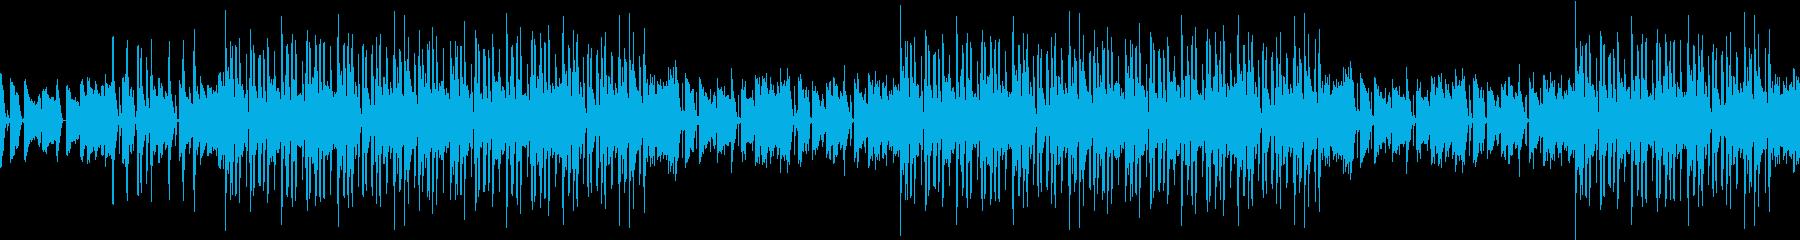 ジャズ・ピアノ・夜・大人・恋愛・シックの再生済みの波形